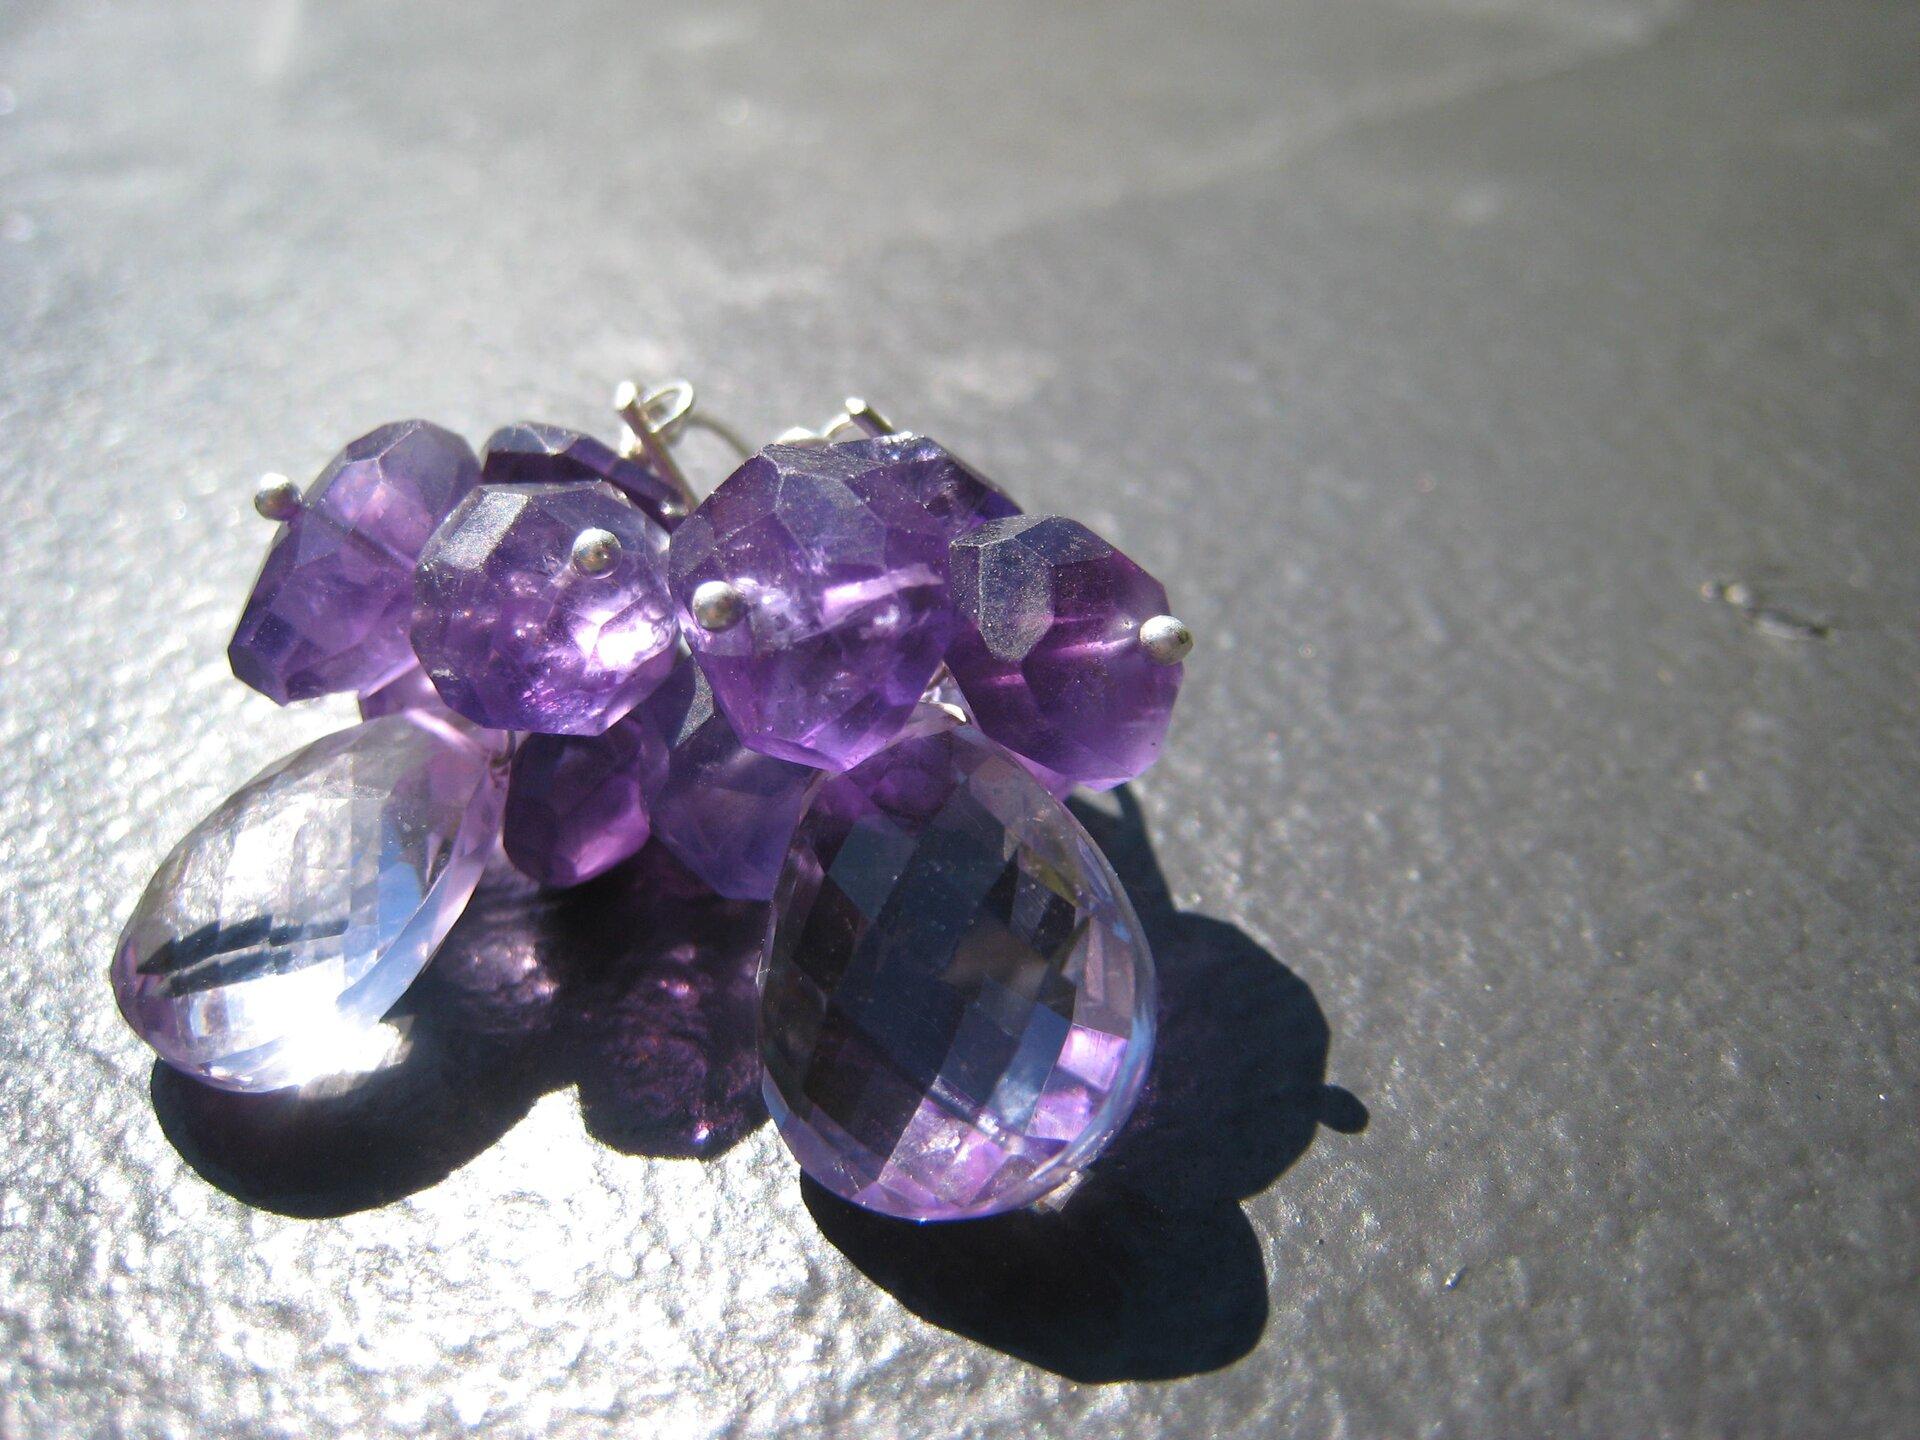 Na zdjęciu widoczna jest biżuteria wykonana zkilkunastu niewielkich ametystów połączonych ze sobą wcoś wrodzaju bukietu. Wszystkie kamienie mają fioletowy kolor, za wyjątkiem silnie podświetlonego po lewej stronie, który wydaje się przezroczysty ibezbarwny. Kamienie połączone są ze sobą za pomocą metalowych drucików.